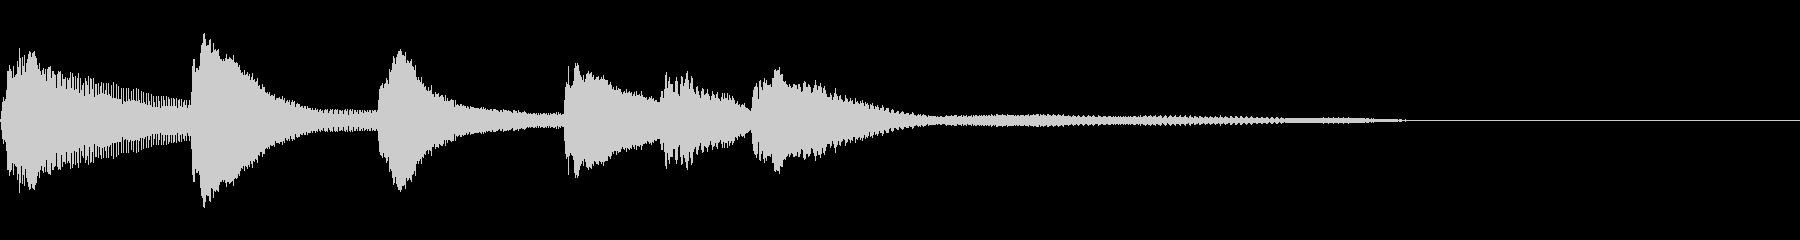 ホラーテイストなピアノジングルの未再生の波形